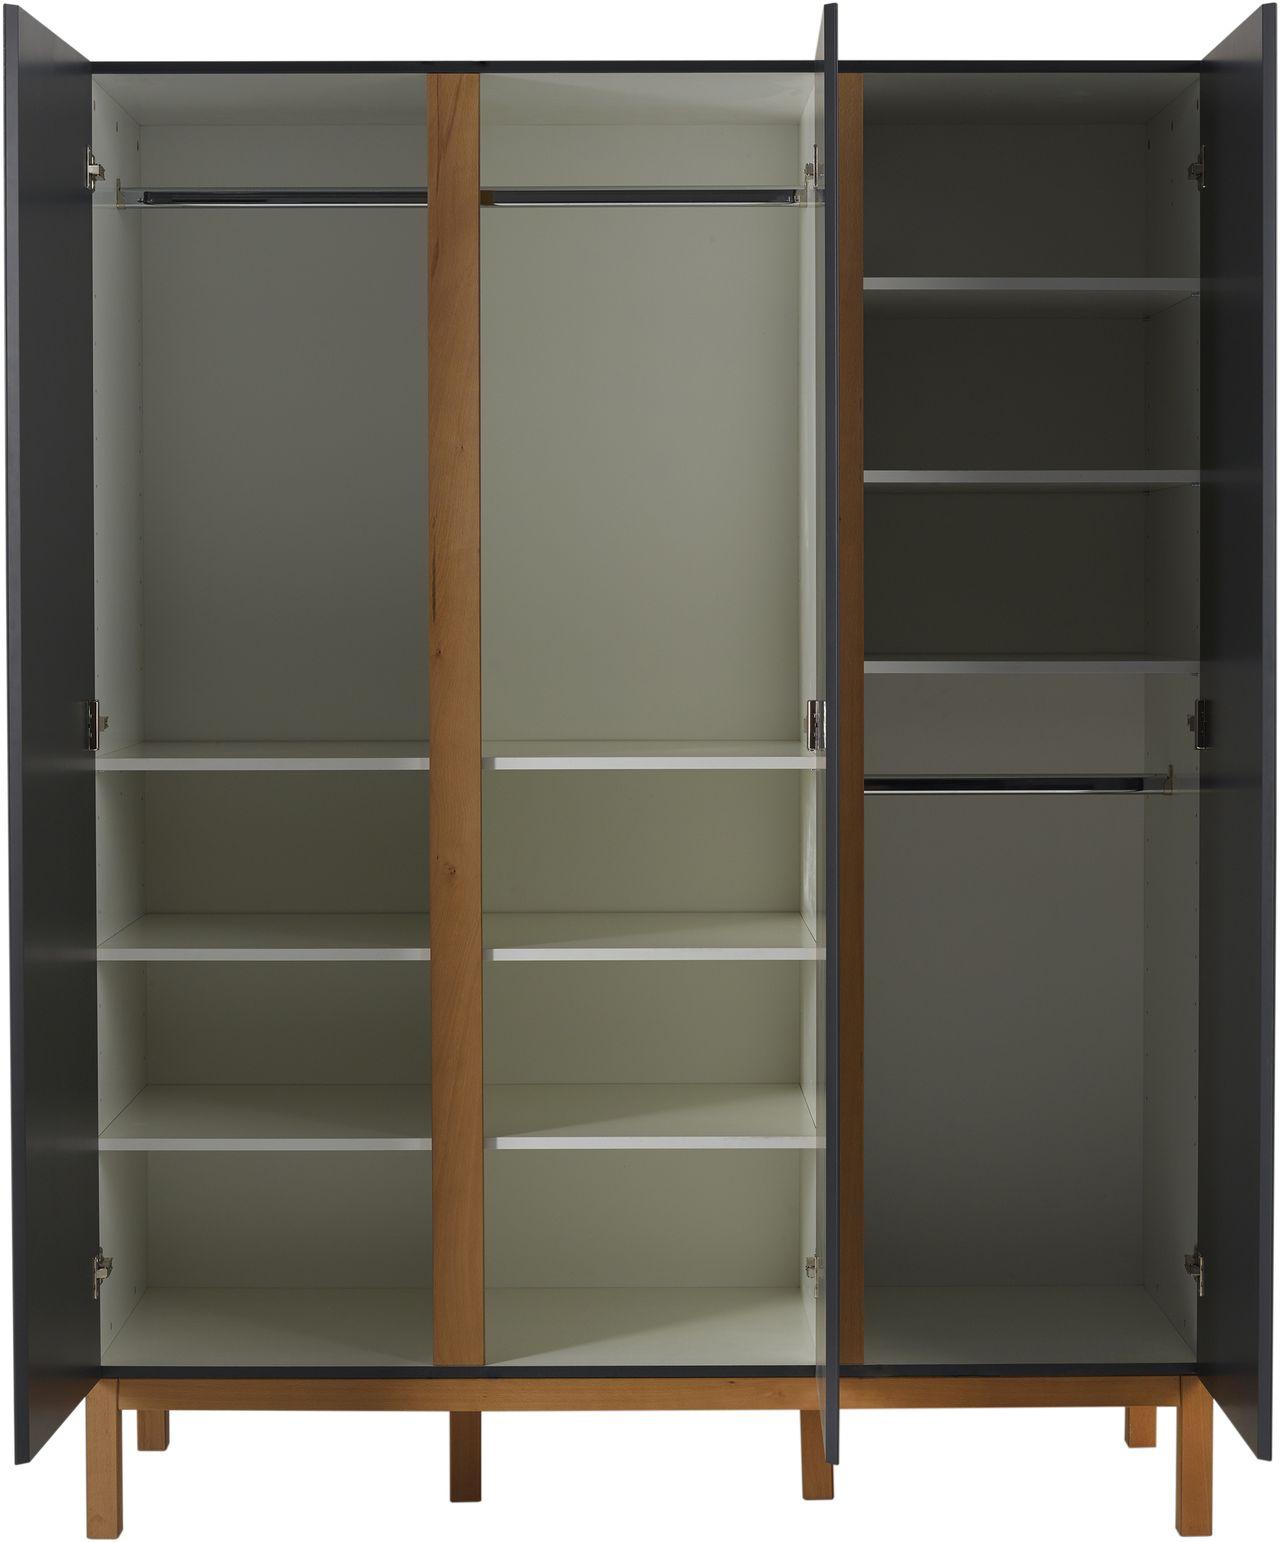 Quax Indigo Schrank 3 Türen in Berlin kaufen - Kleine Fabriek